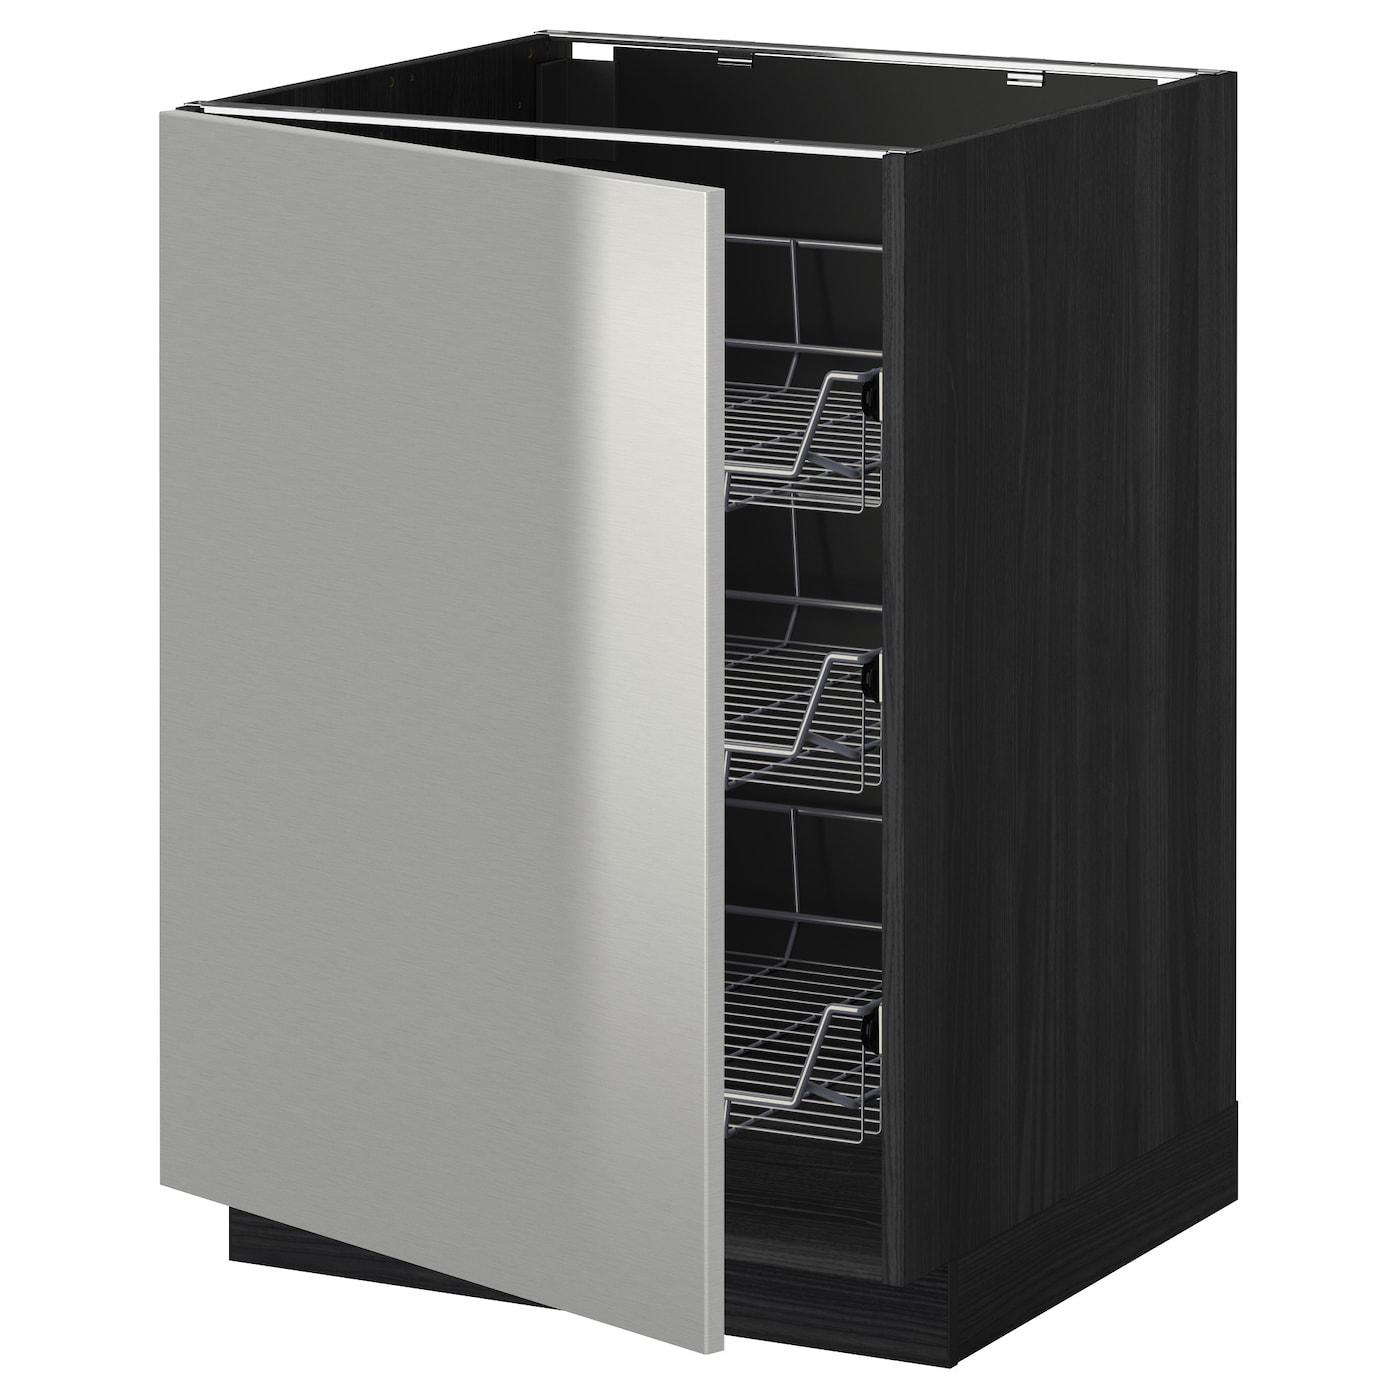 Metod Base Cabinet For Sink Black Järsta Orange 60x60 Cm: METOD Base Cabinet With Wire Baskets Black/grevsta